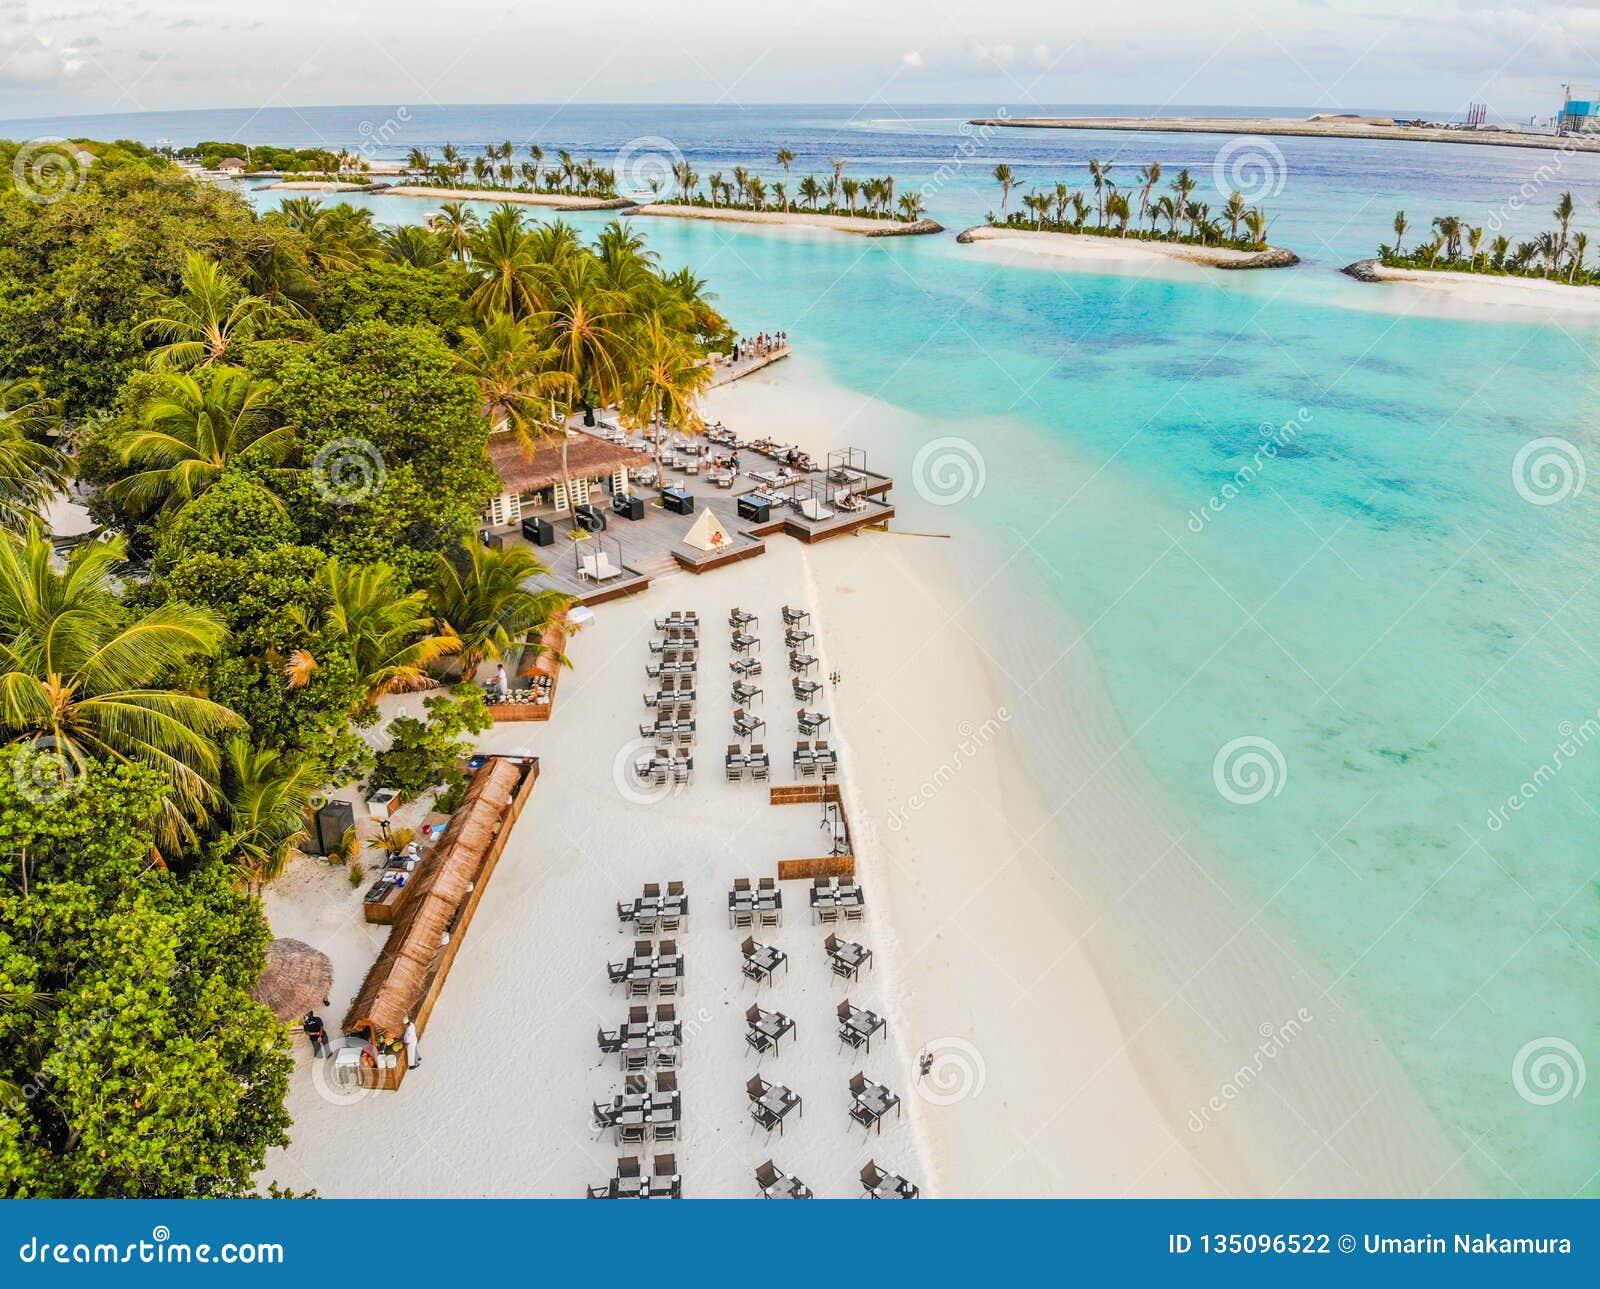 Ilha de surpresa em Maldivas, nas águas bonitas de turquesa e no Sandy Beach branco com fundo do céu azul